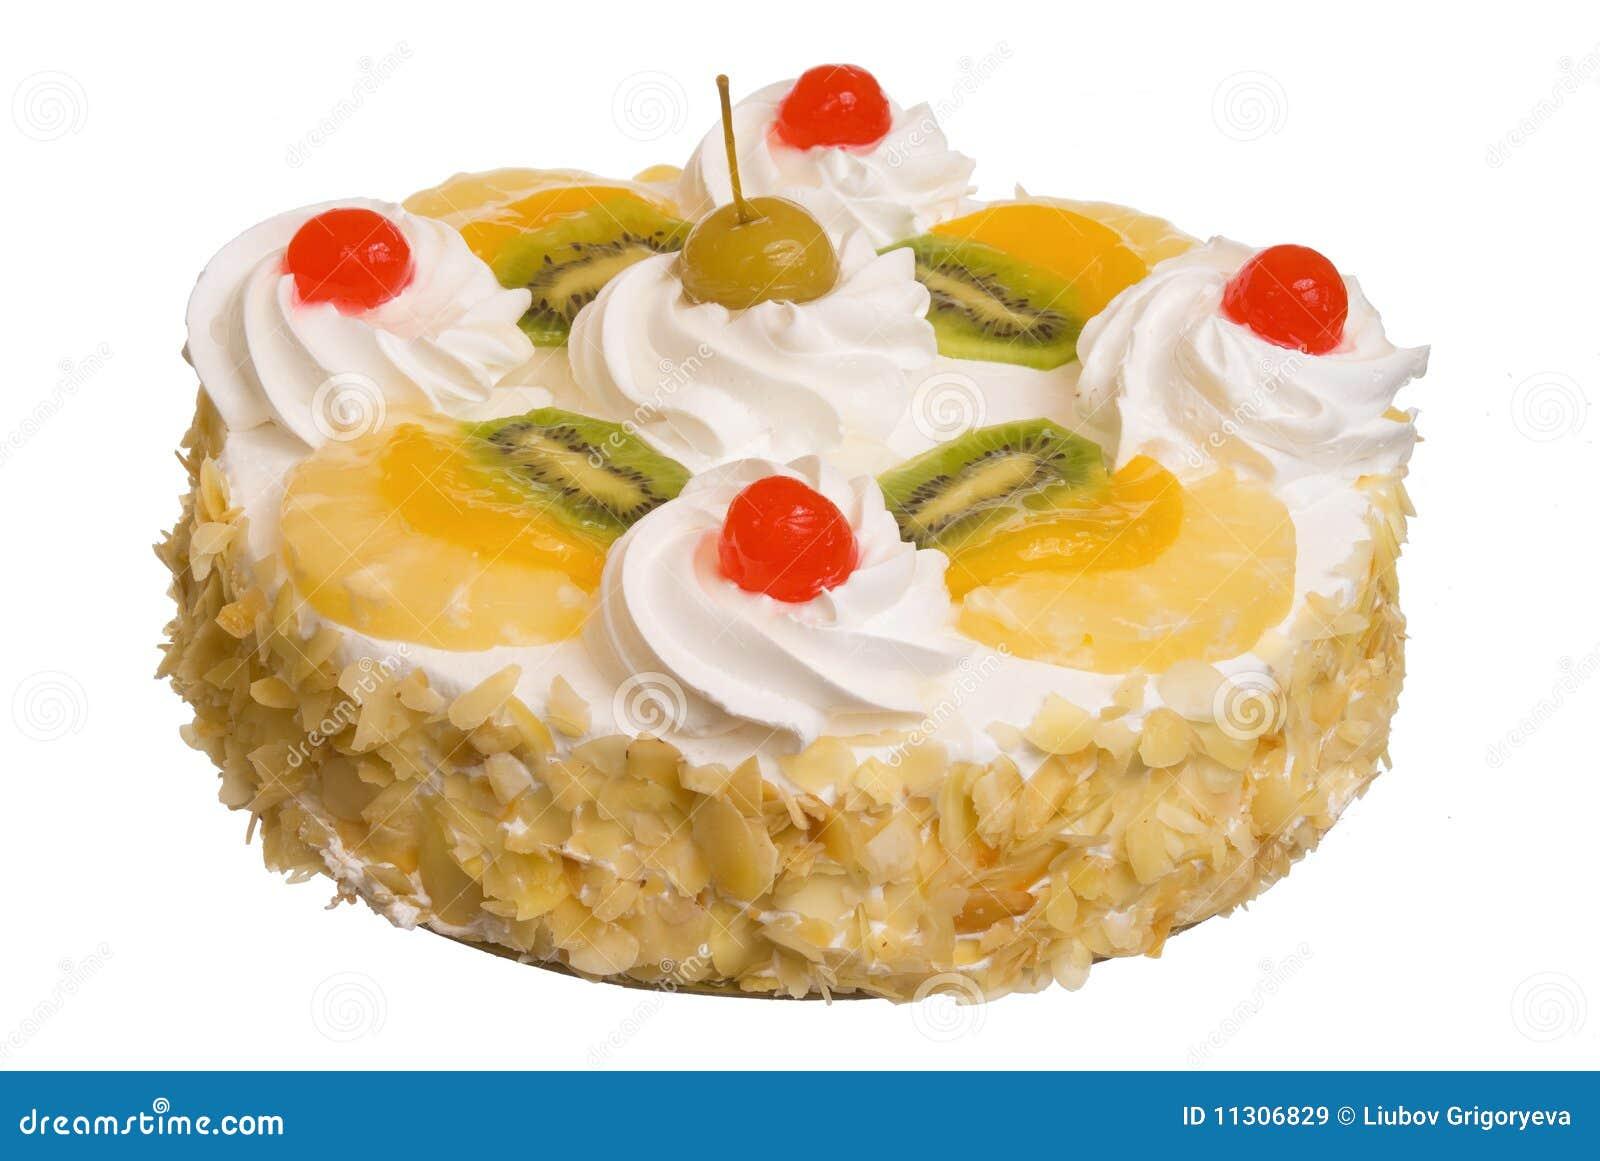 Der süße Kuchen